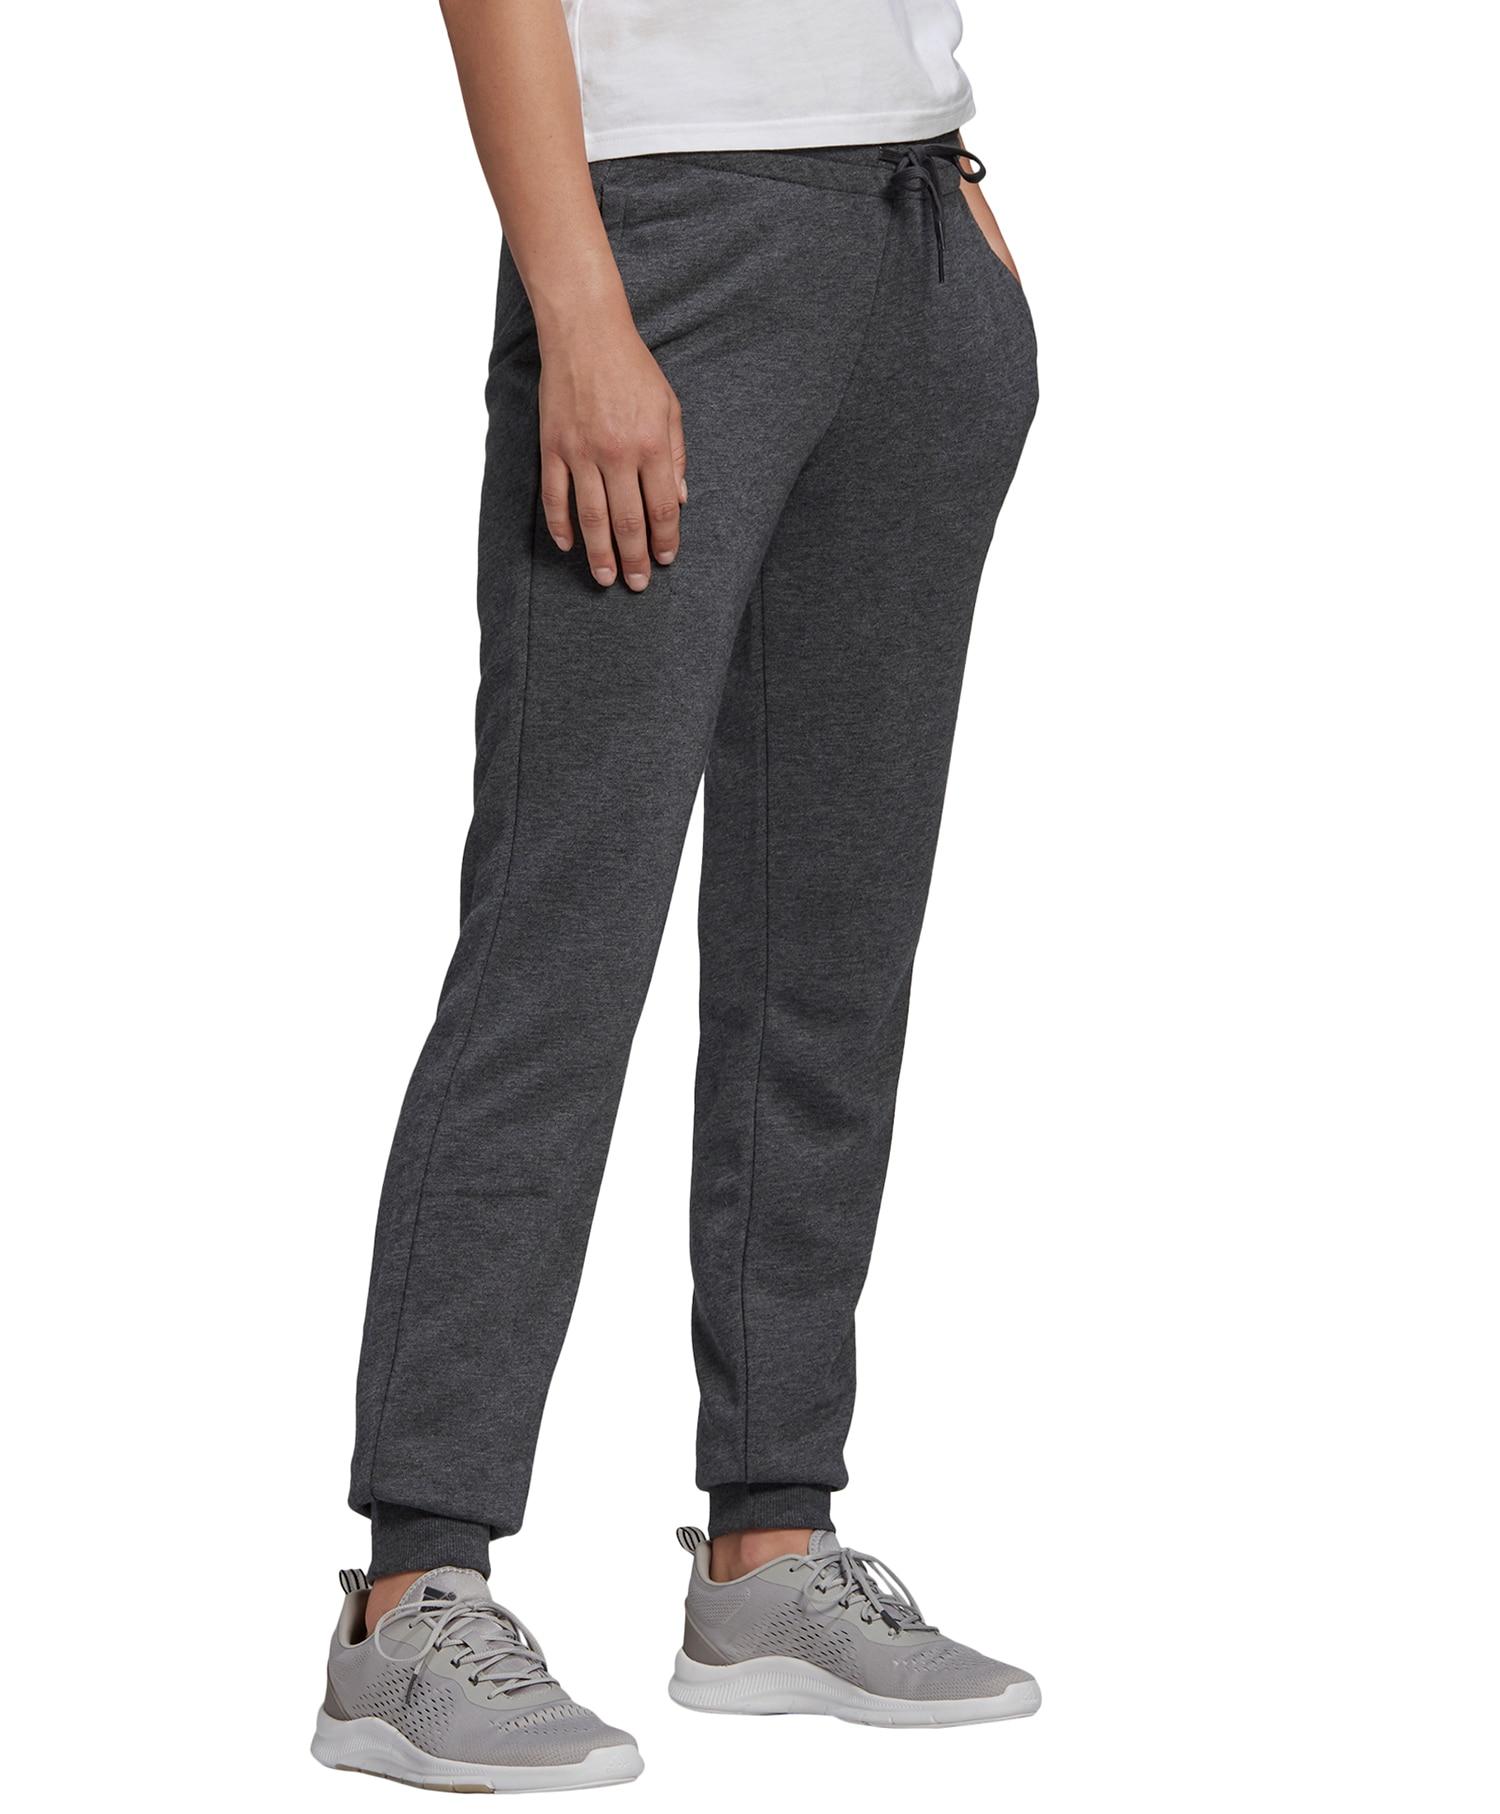 Adidas w lin ft bukse